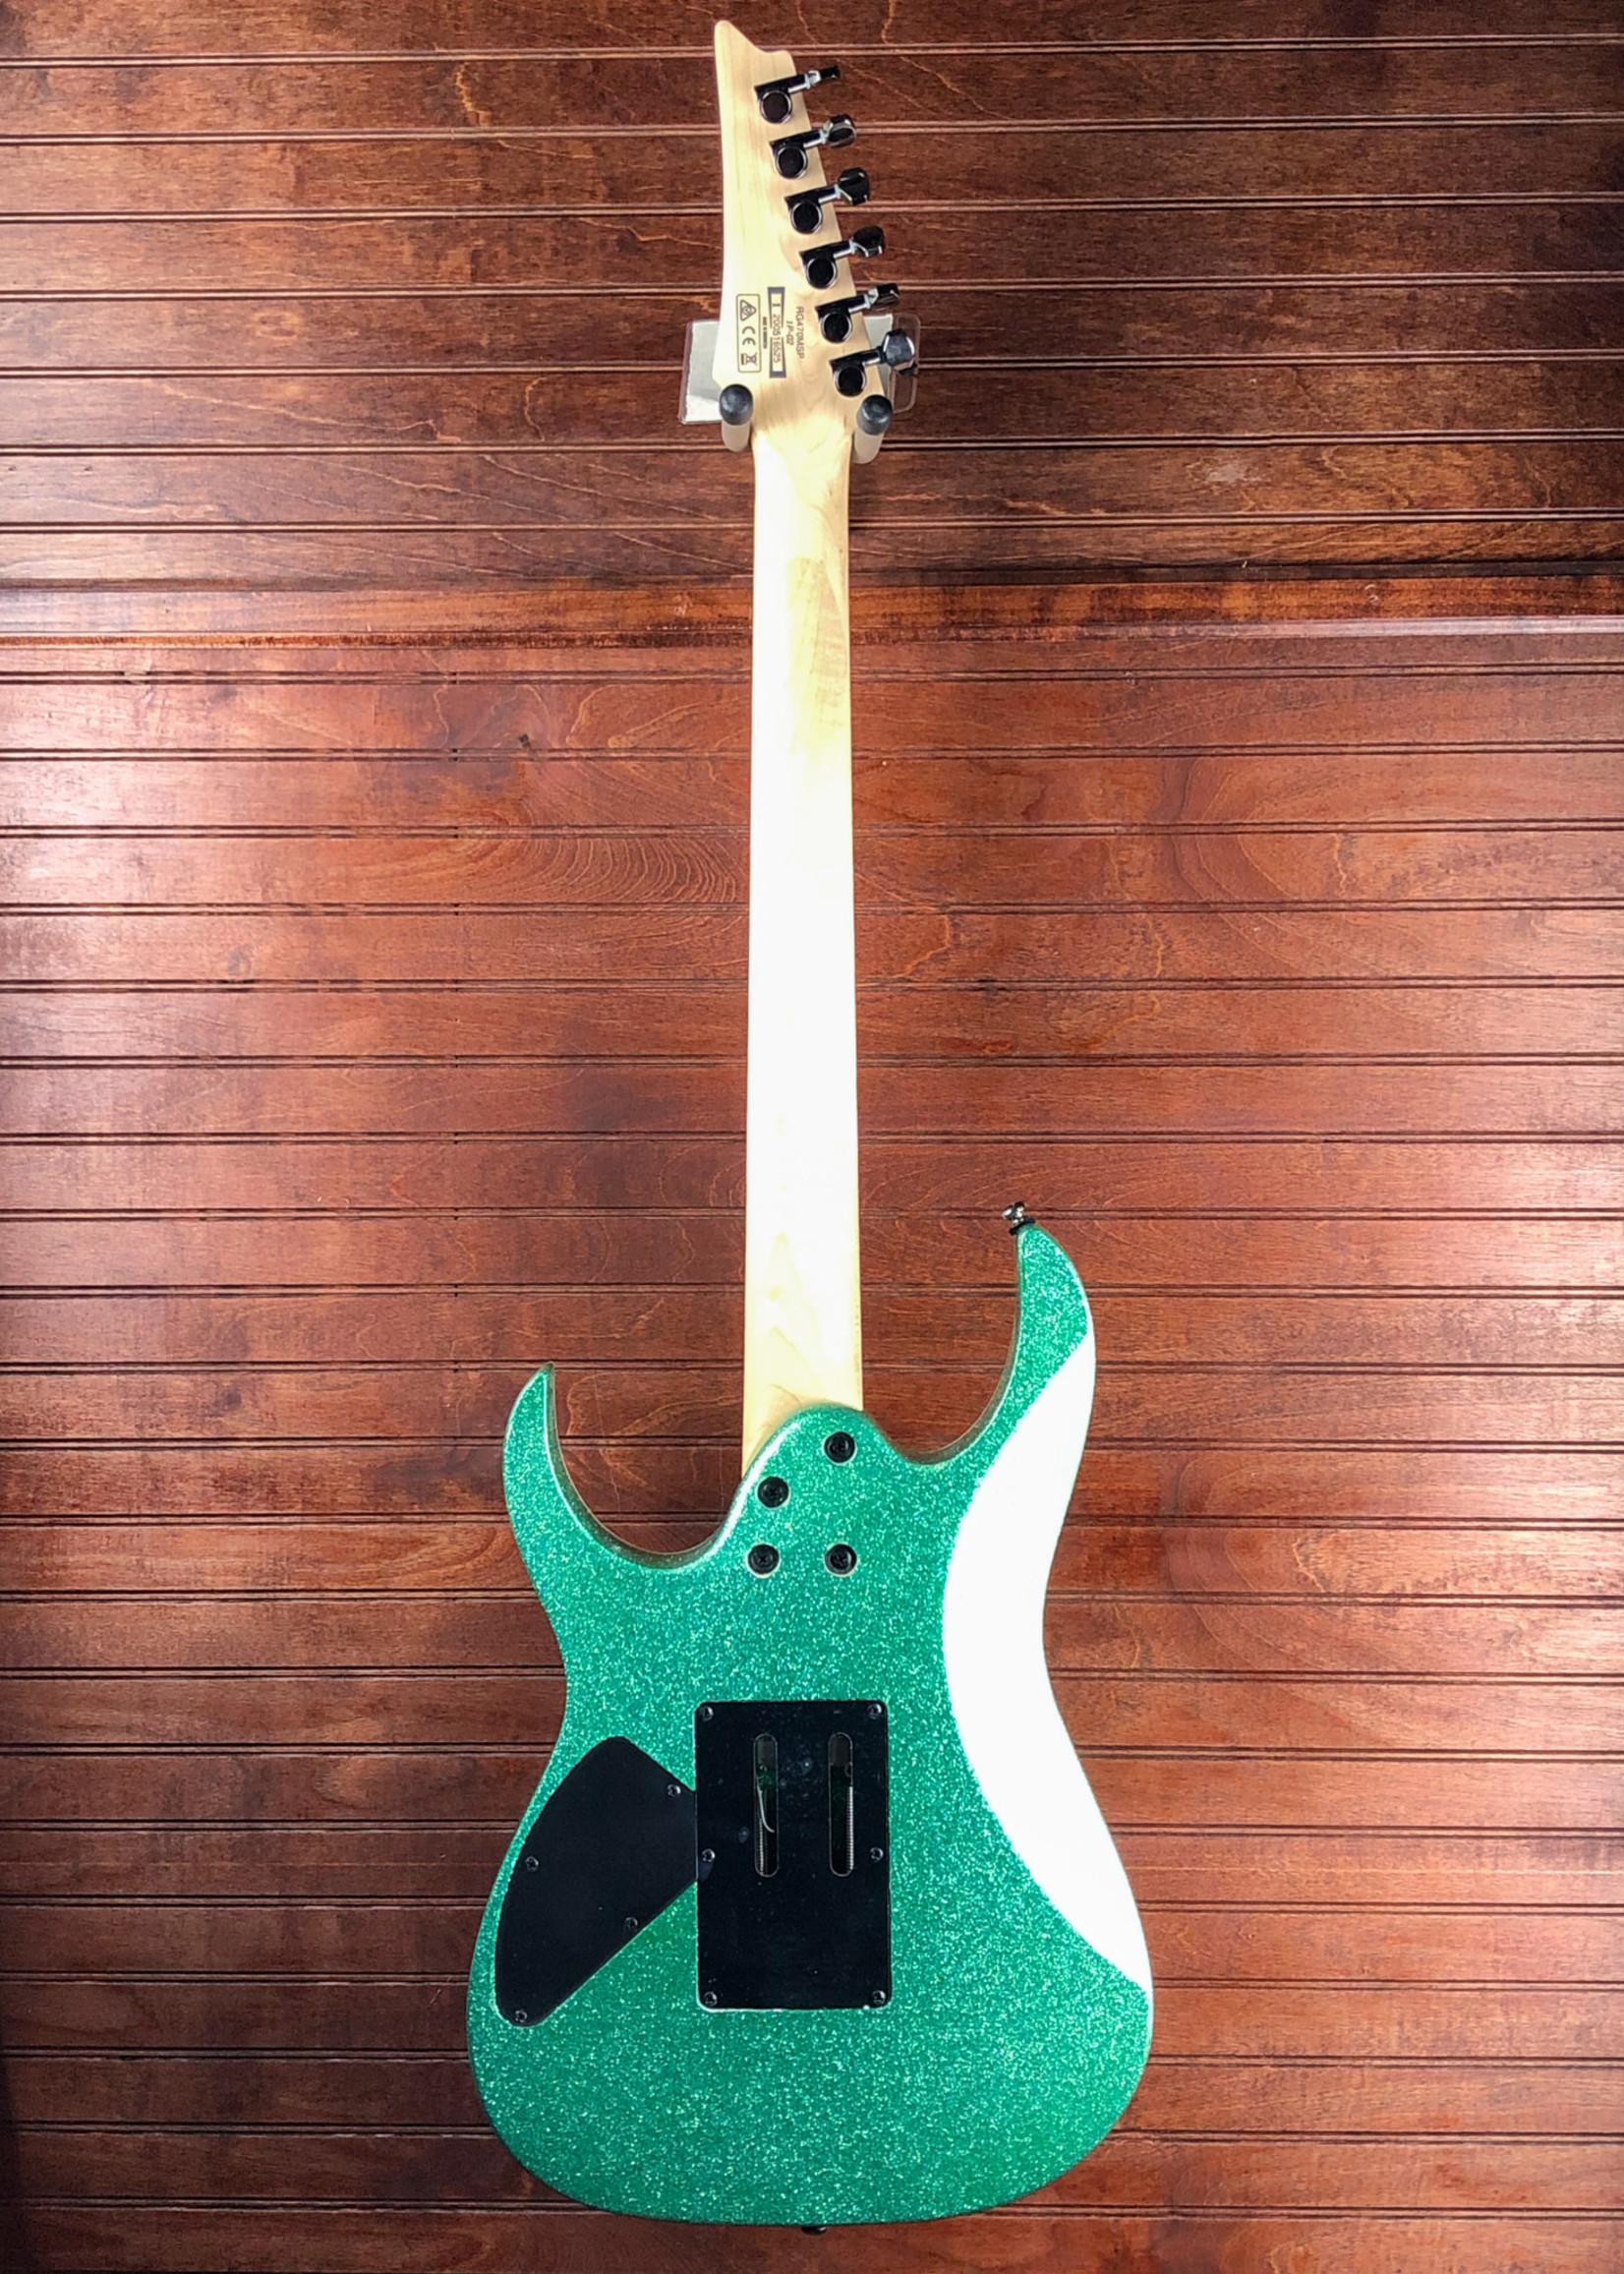 Ibanez Ibanez RG470 Turquoise Sparkle